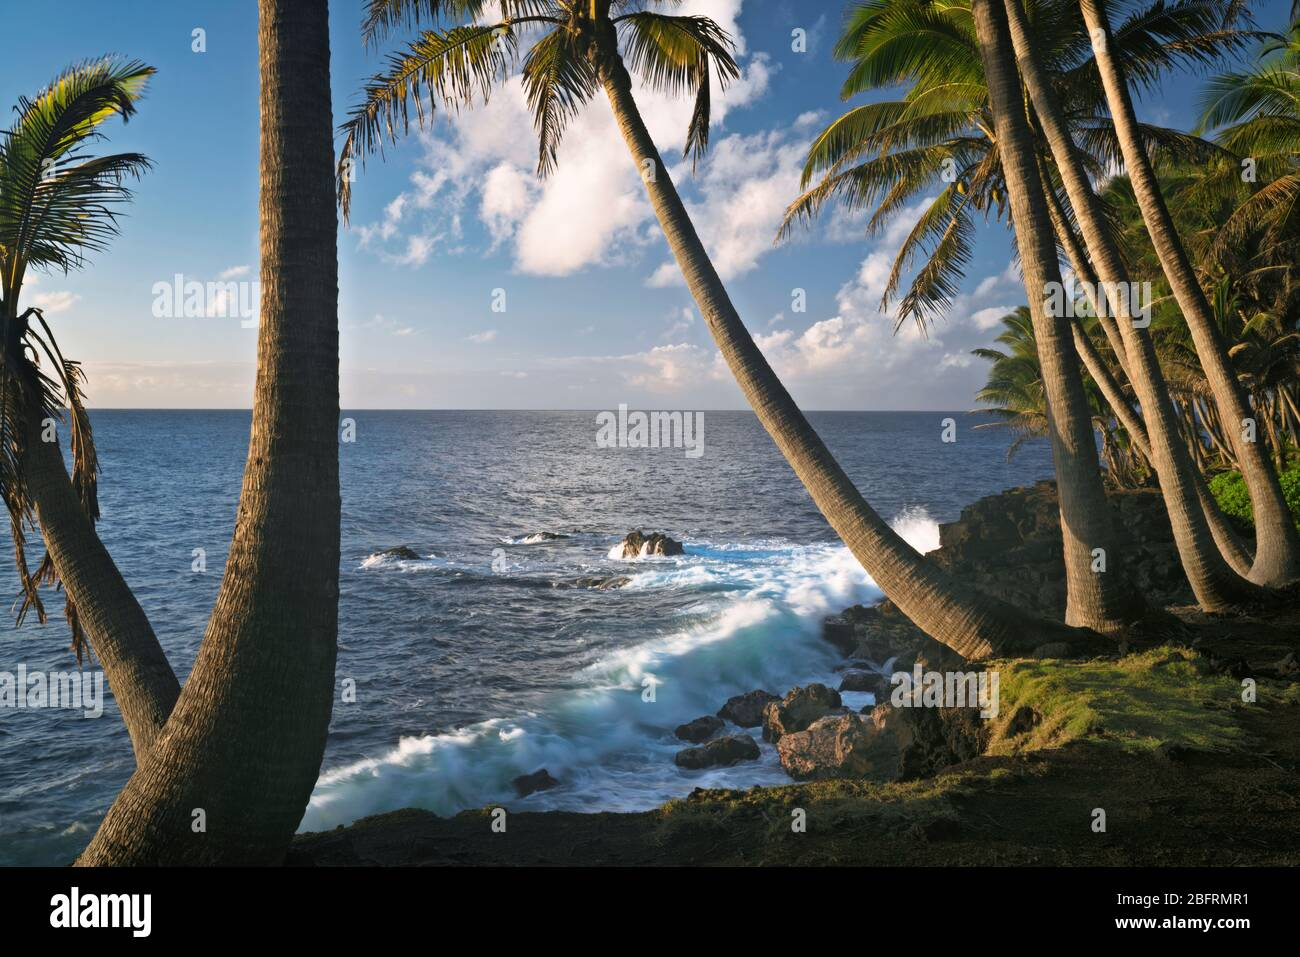 Magica luce del mattino presto lungo la costa di Puna costeggiata da palme sulla Big Island delle Hawaii. Foto Stock